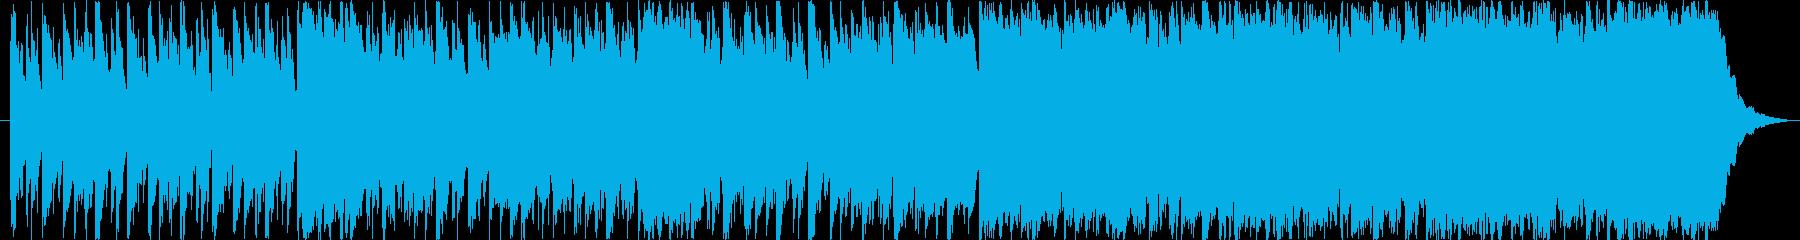 ゲームなどの幻想的なシーンにあうハープの再生済みの波形